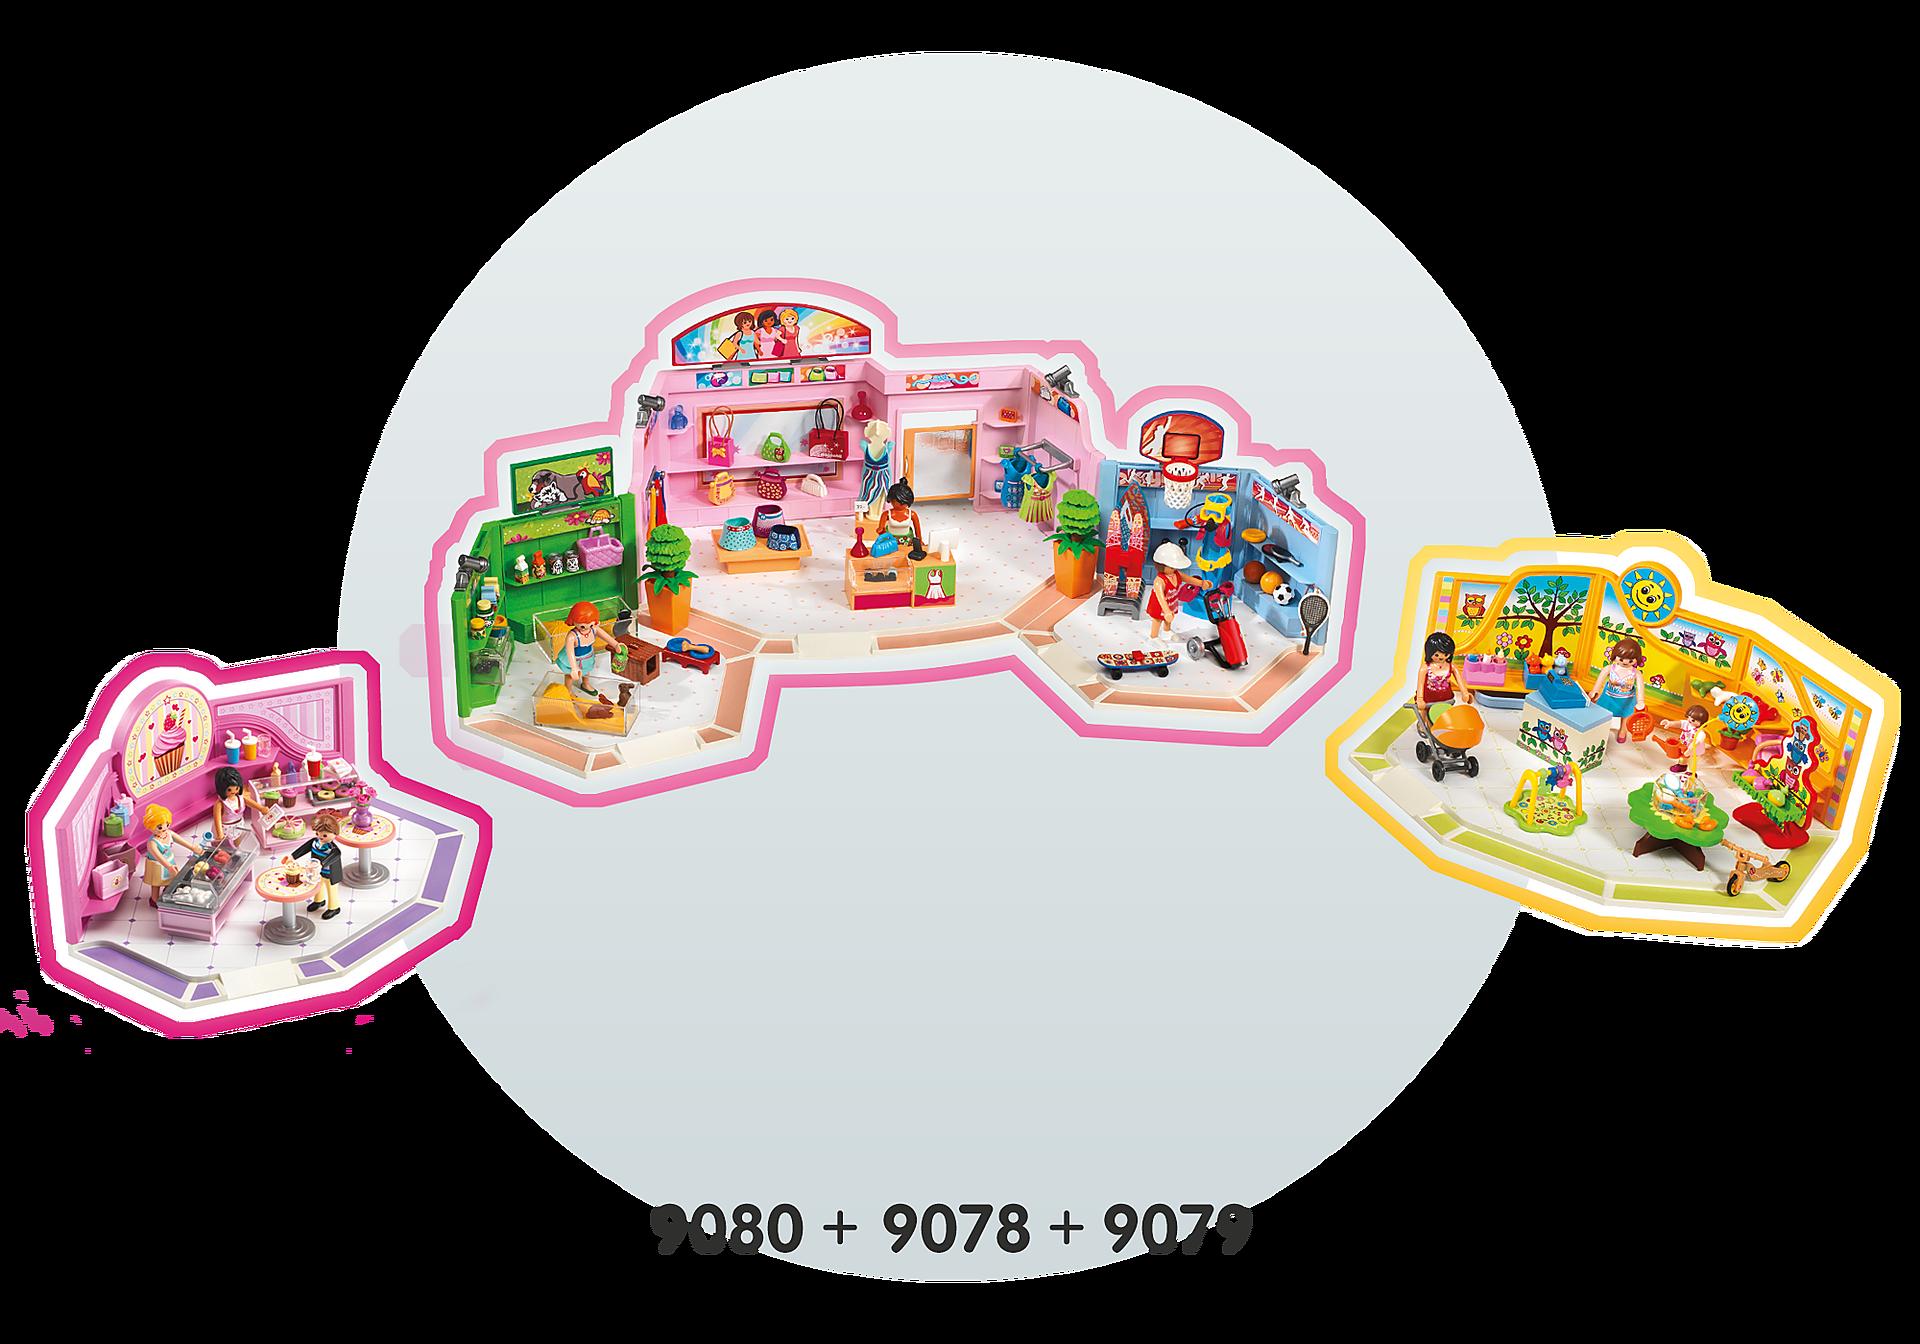 9078 Galleria con 3 negozi zoom image9